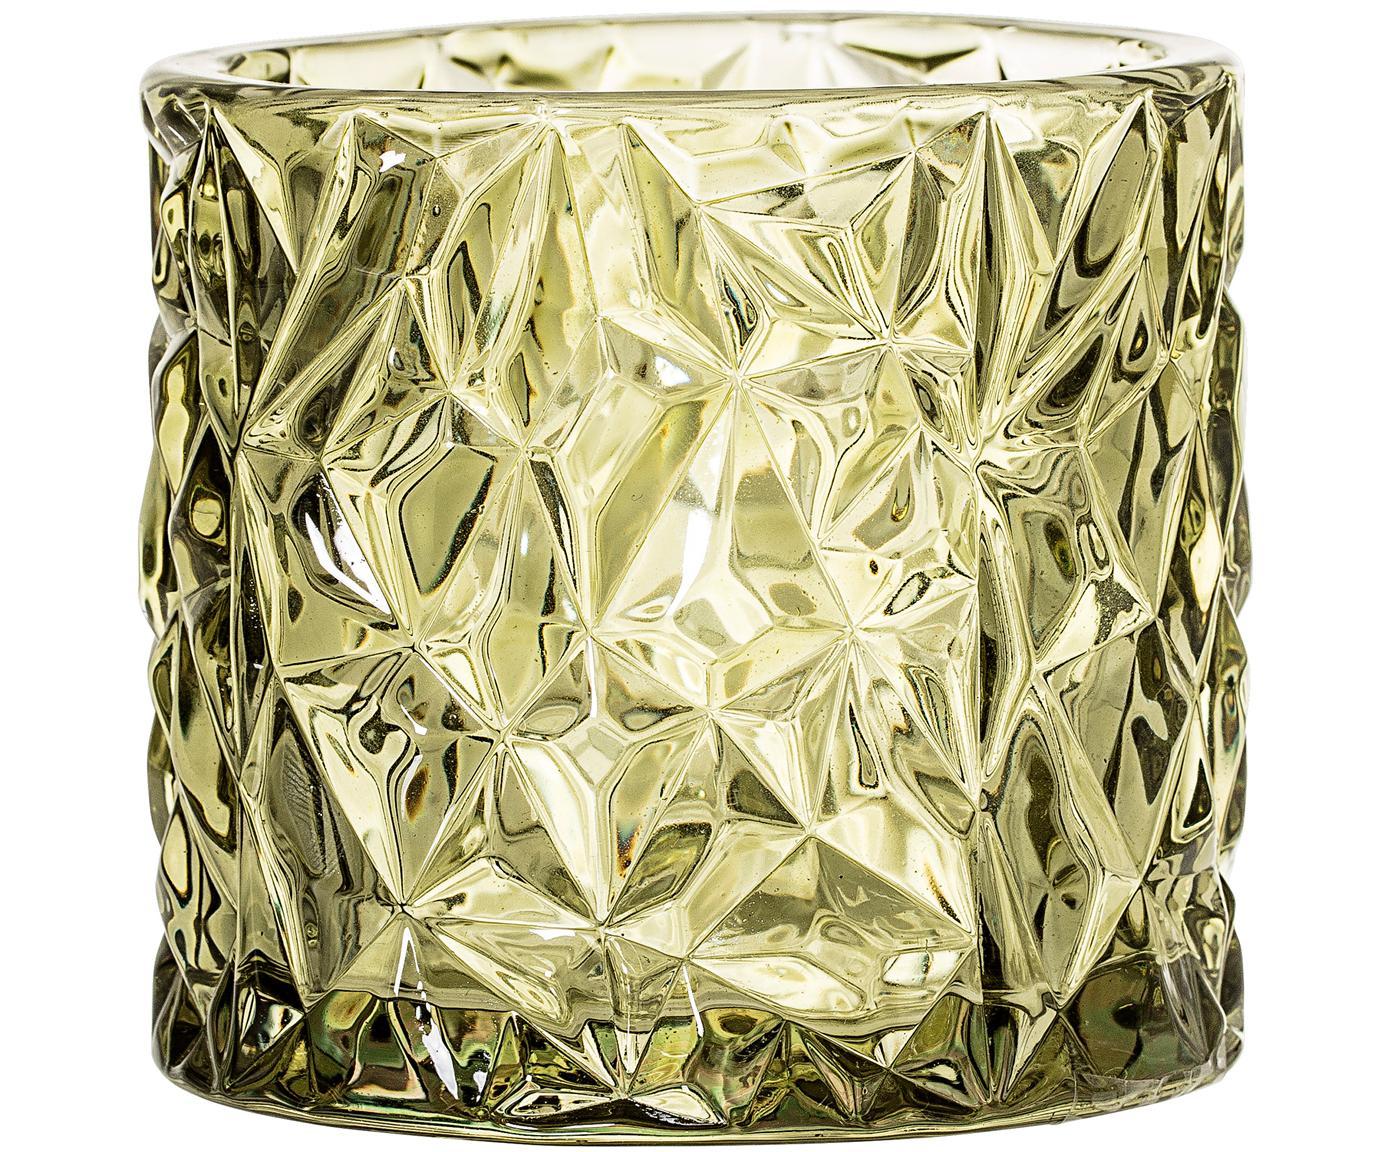 Teelichthalter Olivia, Glas, Grün, leicht transparent, Ø 9 x H 8 cm